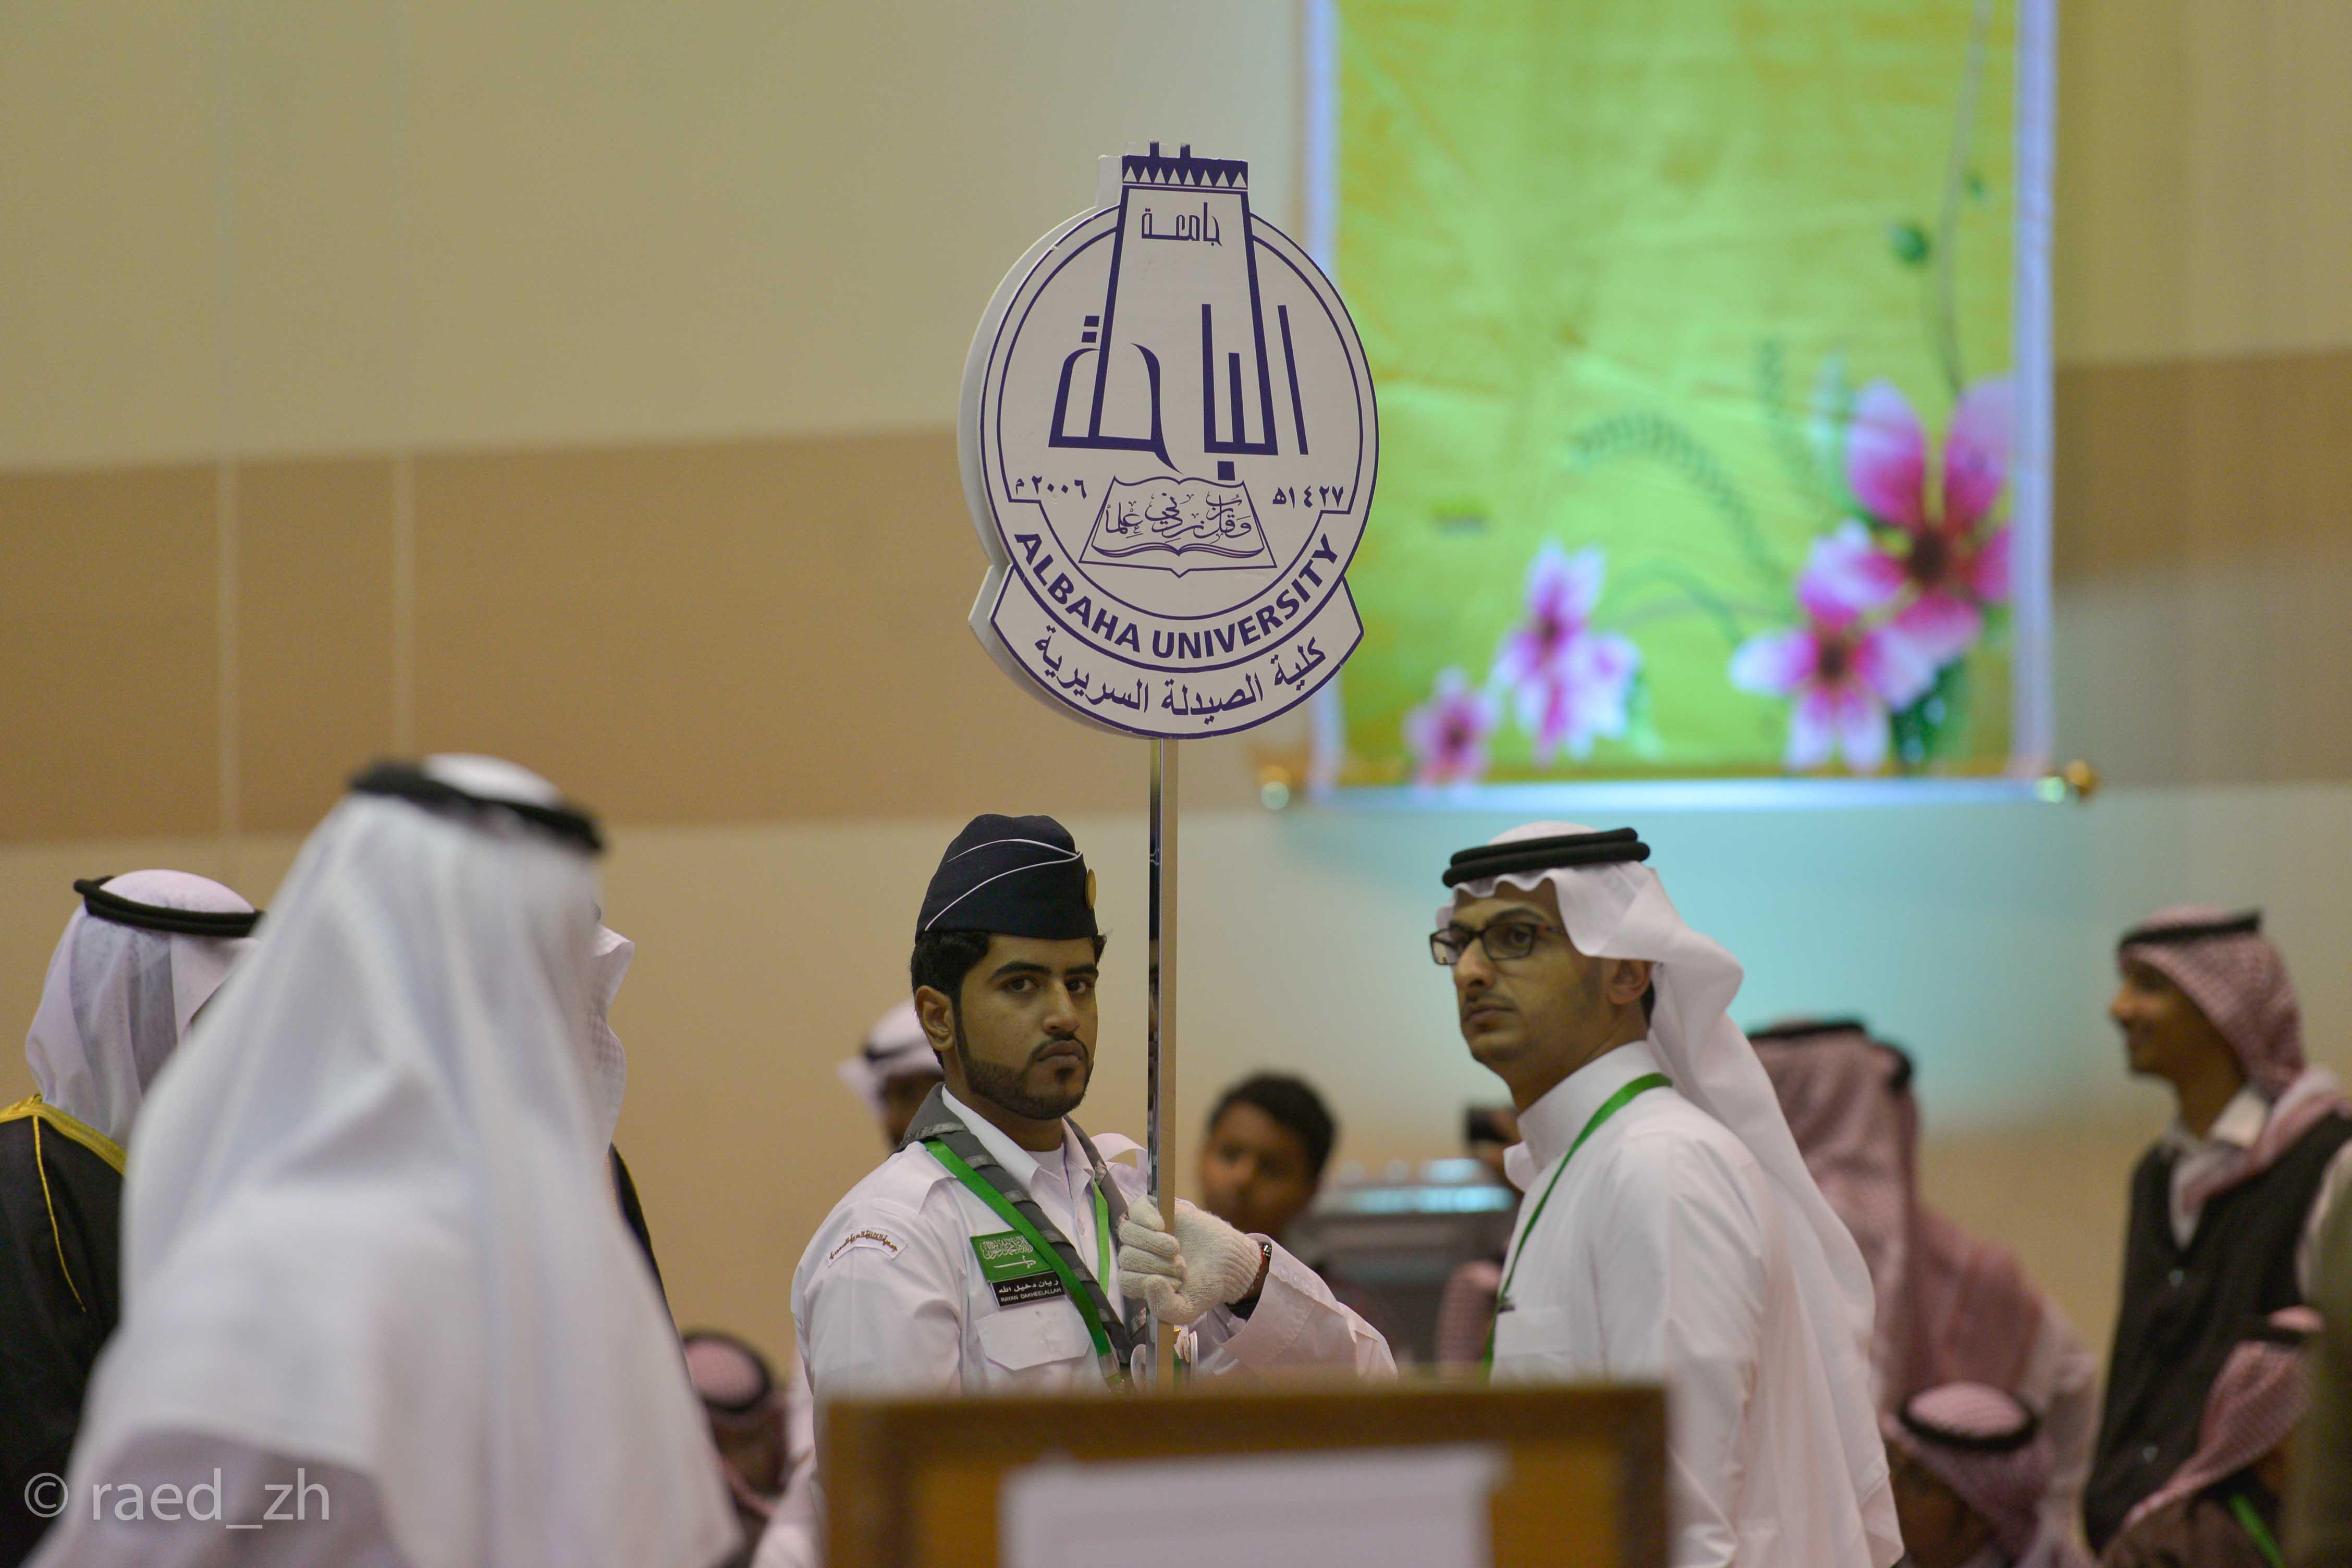 امير الباحة يرعى تخريج الدفعة العاشرة من طلاب وطالبات جامعة الباحة (9)